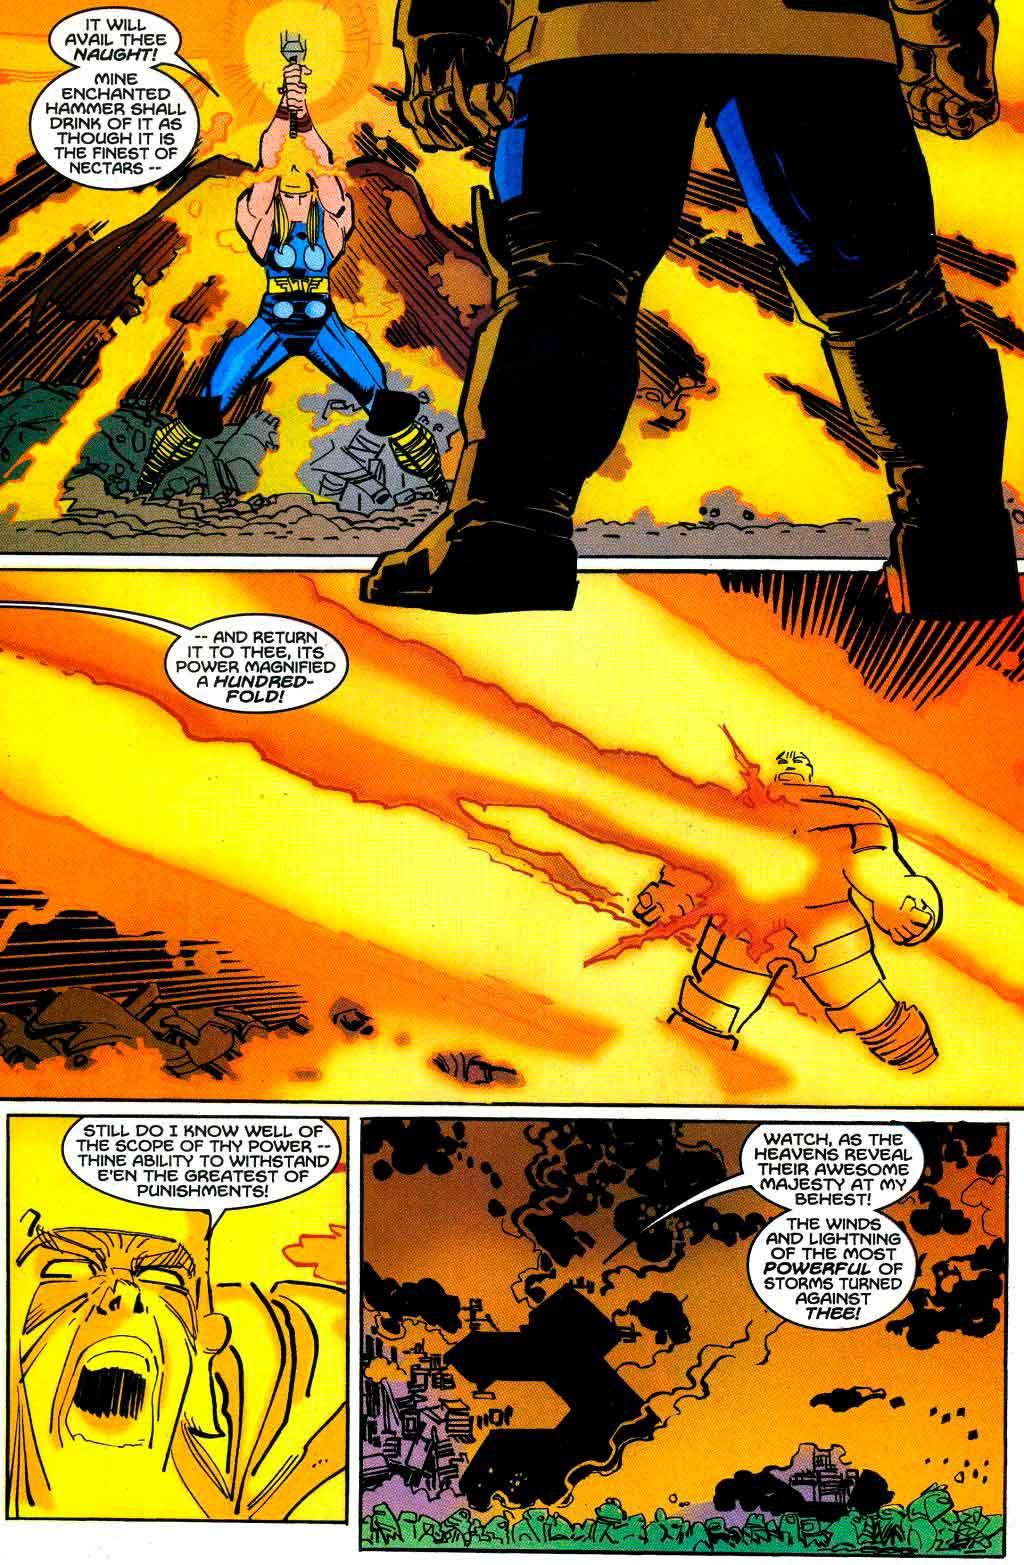 Thor Vol 2 Nº 22 - Thor todavía no ha usado el mejor poder de Mjolnir en las películas de Marvel